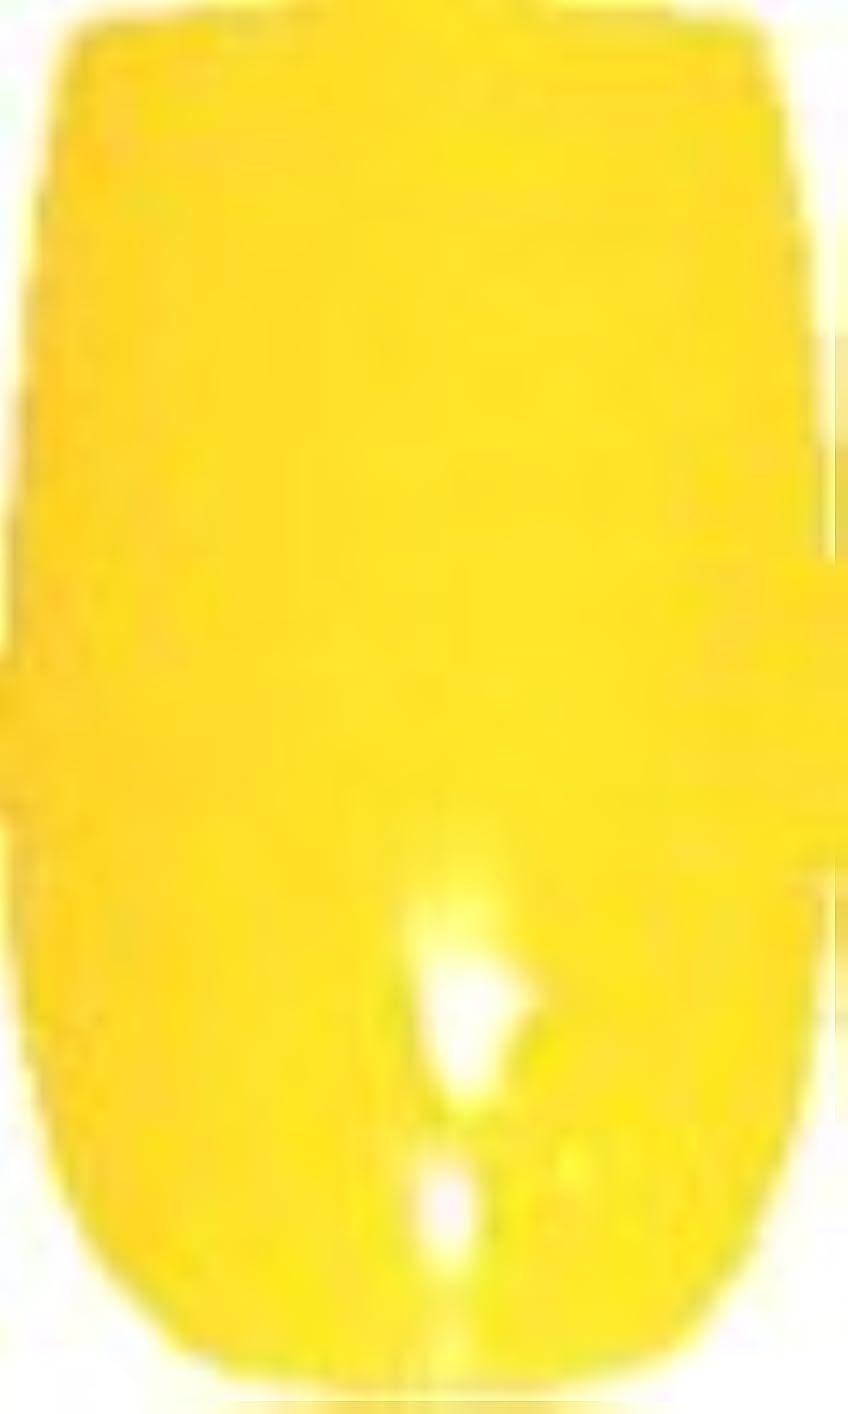 夜明け繁栄読みやすさソフトジェル 3g Melty レモン